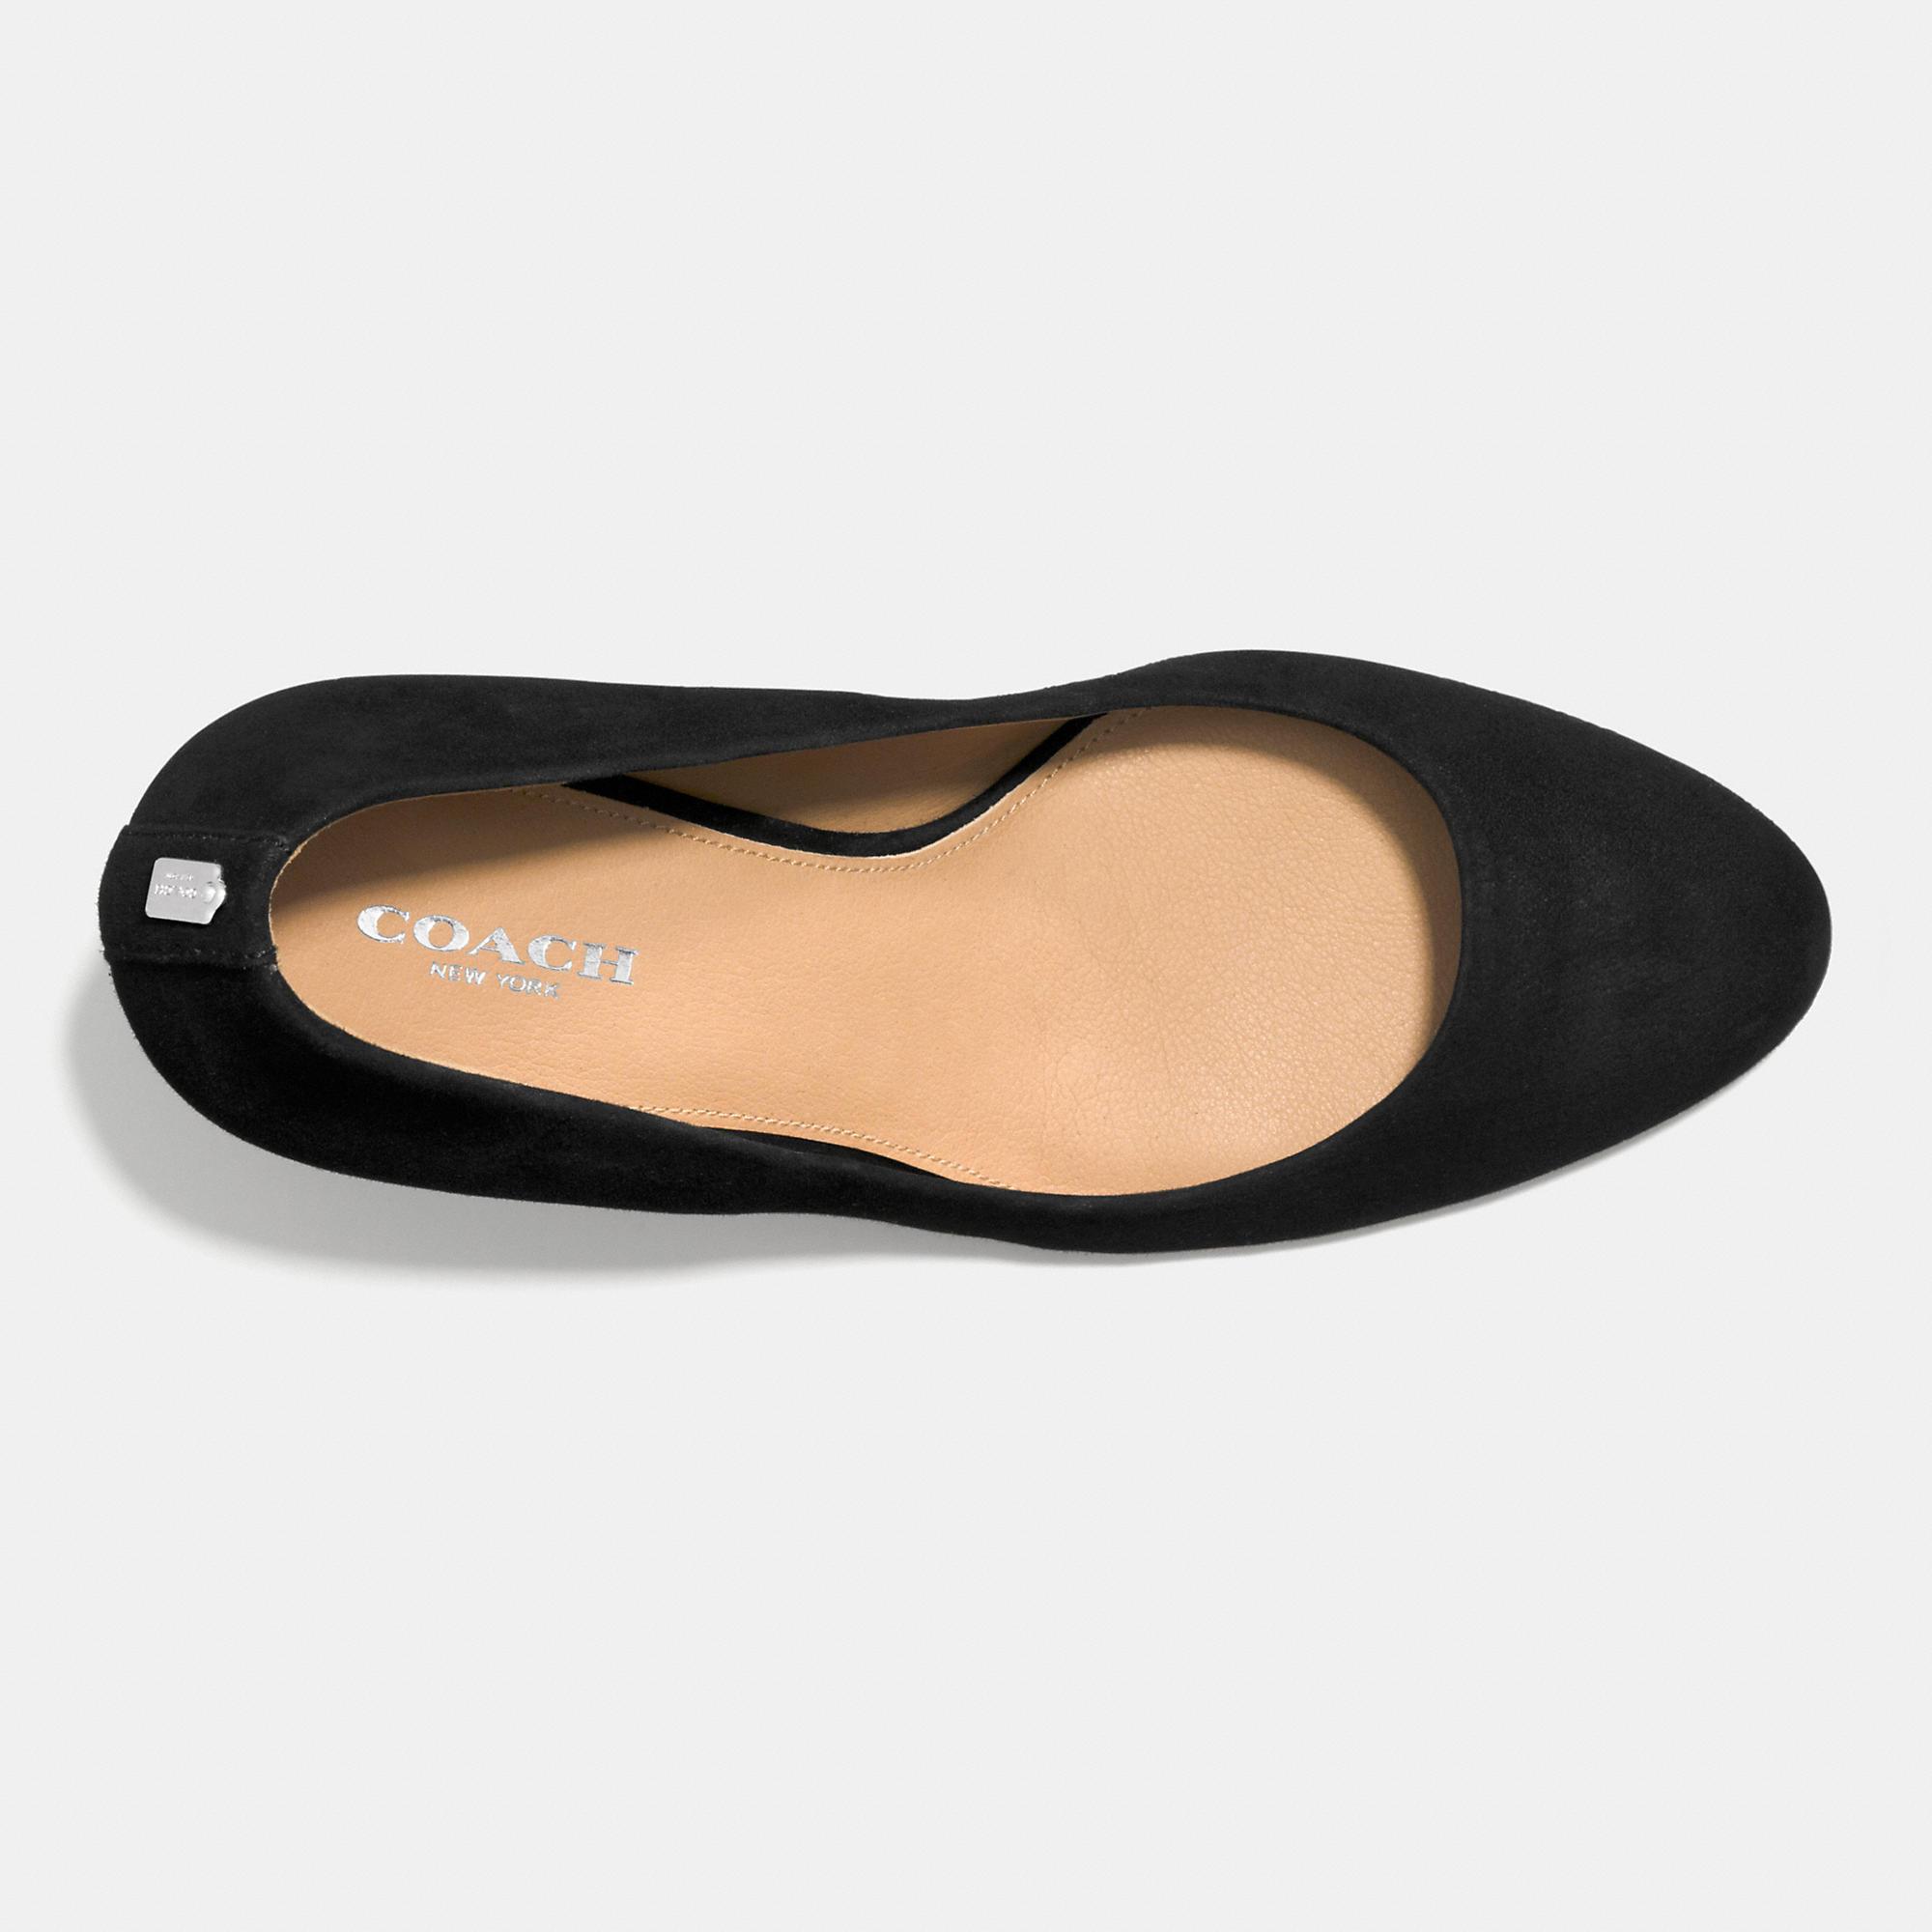 f19a3afc0d4 Lyst - COACH Rosey Heel in Black